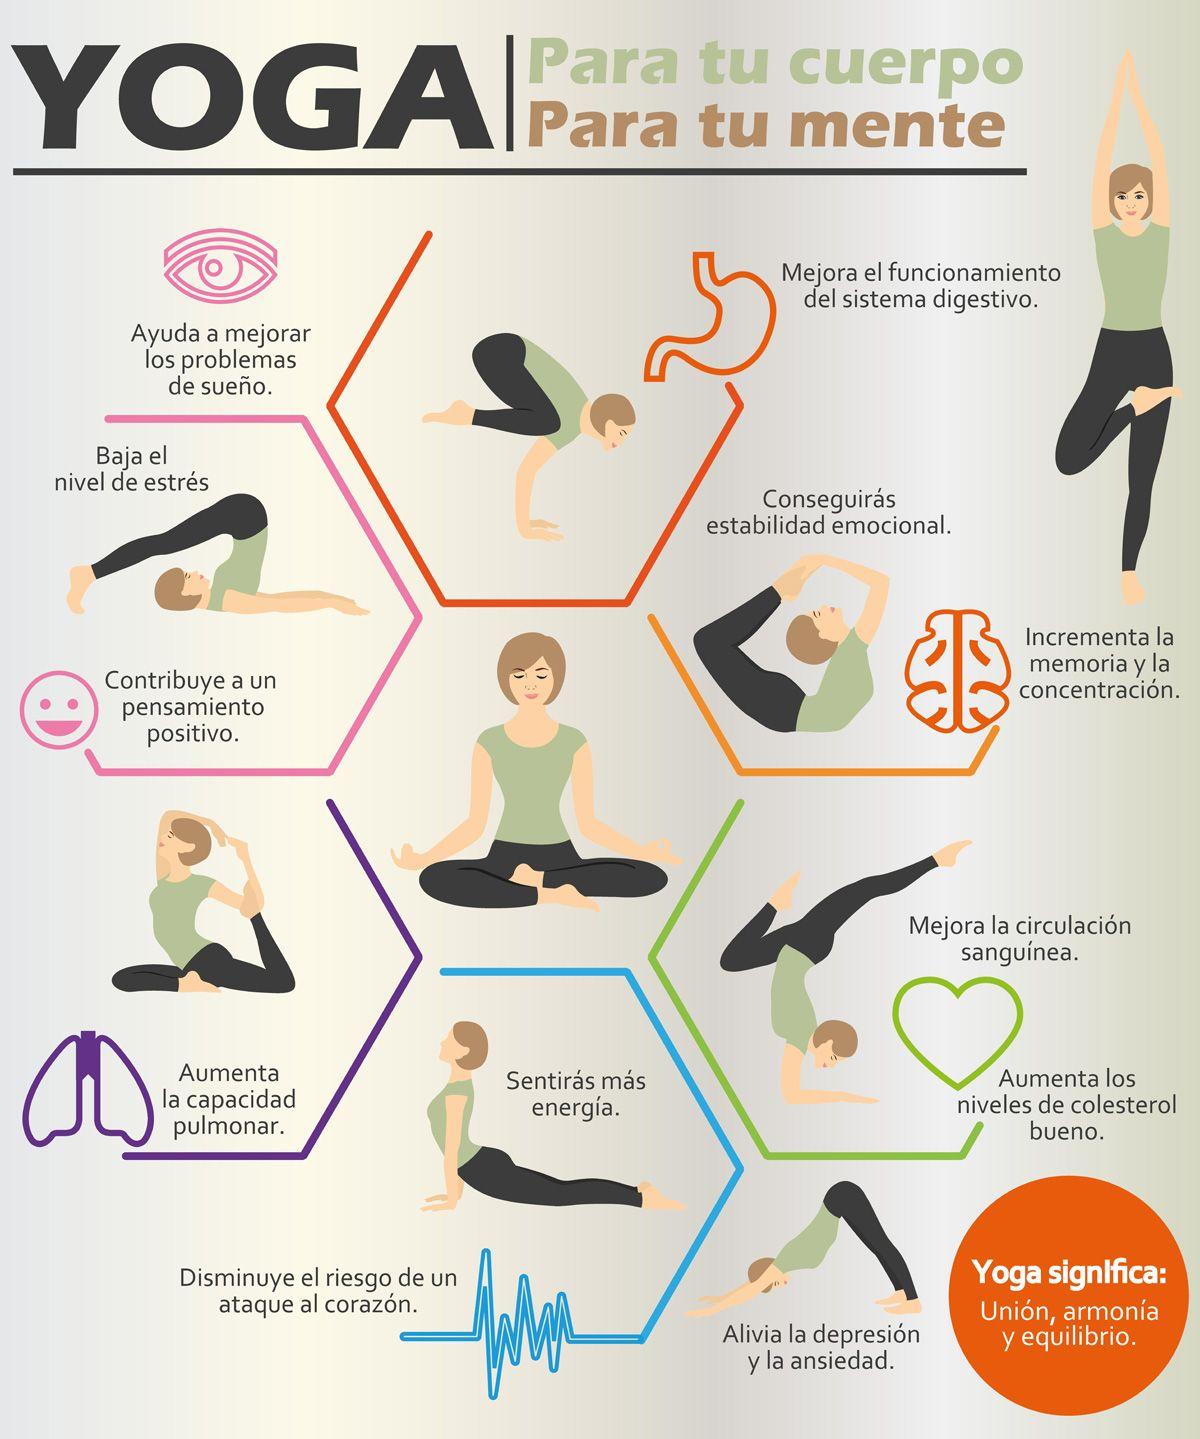 Te explicamos como el yoga te ayuda a ponerte en forma y cuales son los  beneficios que este te ofrece para tu mente y cuerpo.  Yoga  Salud  Fitness 4f2d2bc6d931